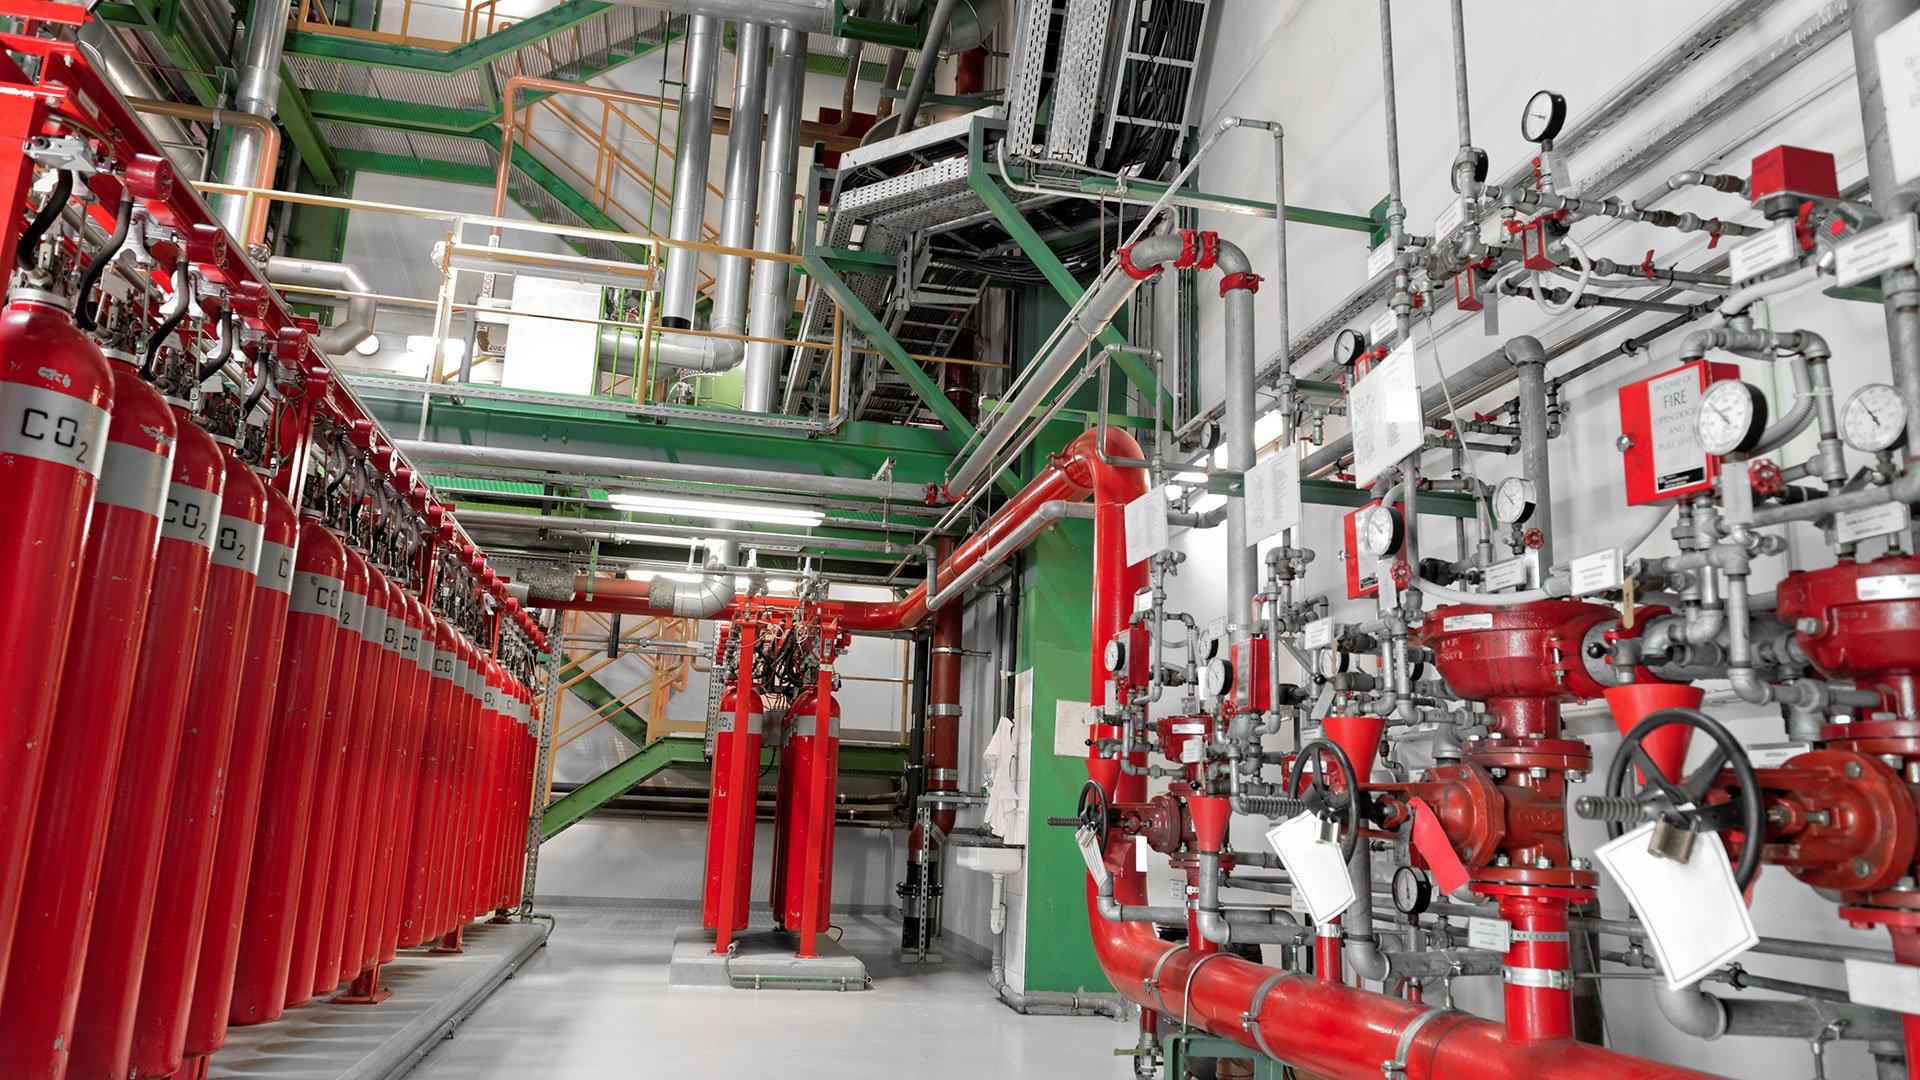 Газовое пожаротушение для чего используется и где применяется